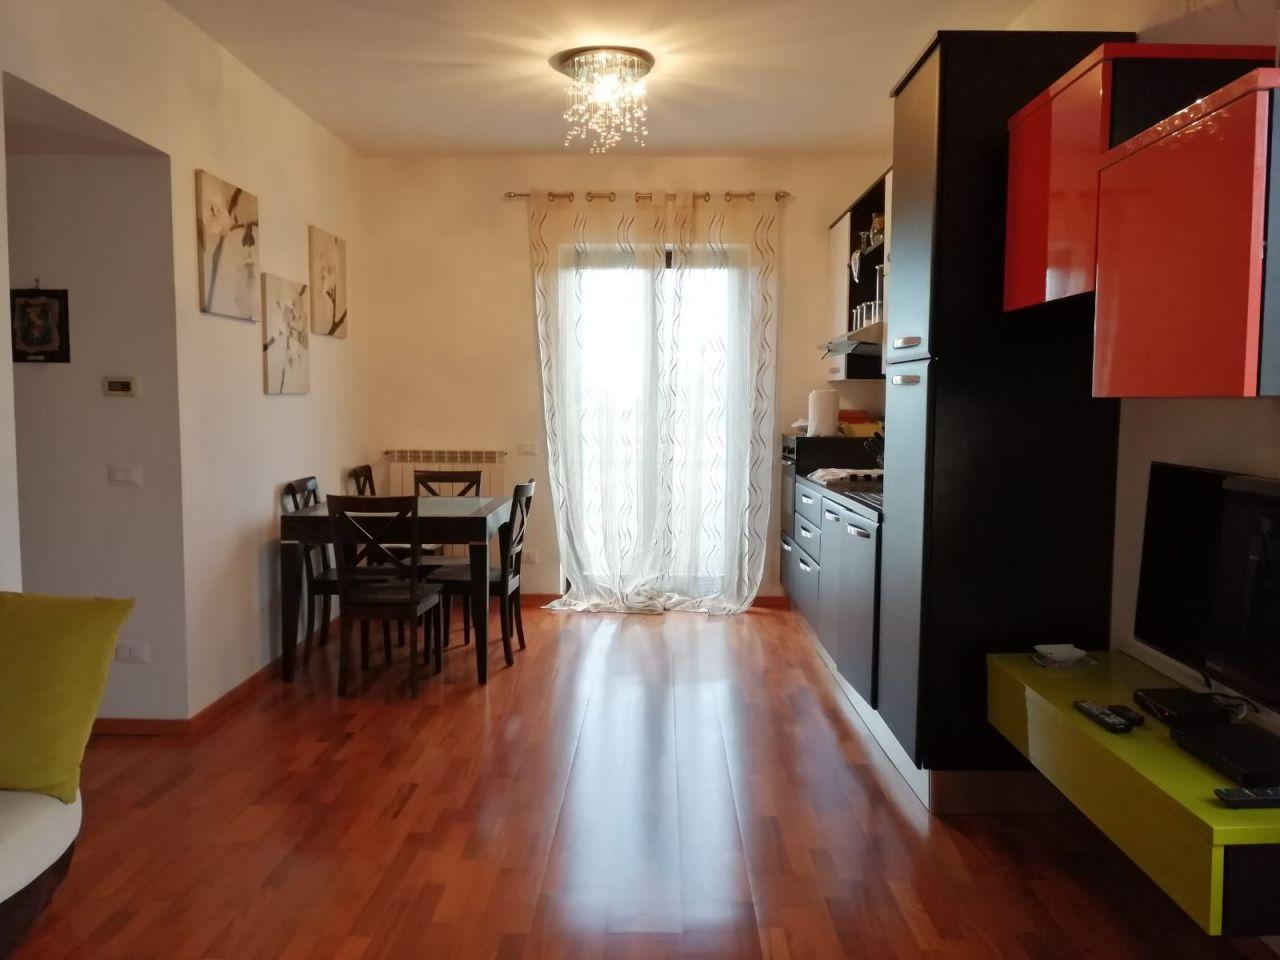 Купить квартиру в риме цены купить квартиру в дубае недорого вторичное жилье